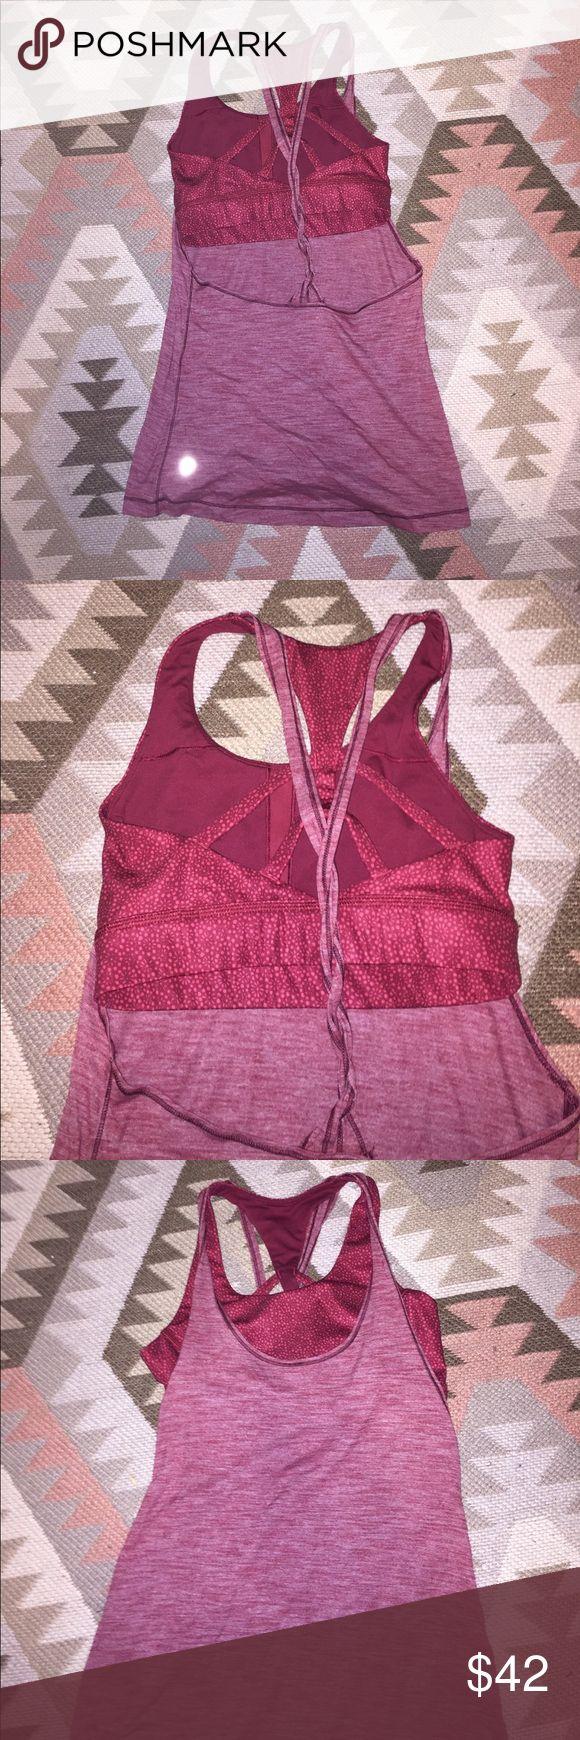 Lulu lemon cris cross back top Size 4, light wear. No padding in bra. Open to offers lululemon athletica Tops Muscle Tees